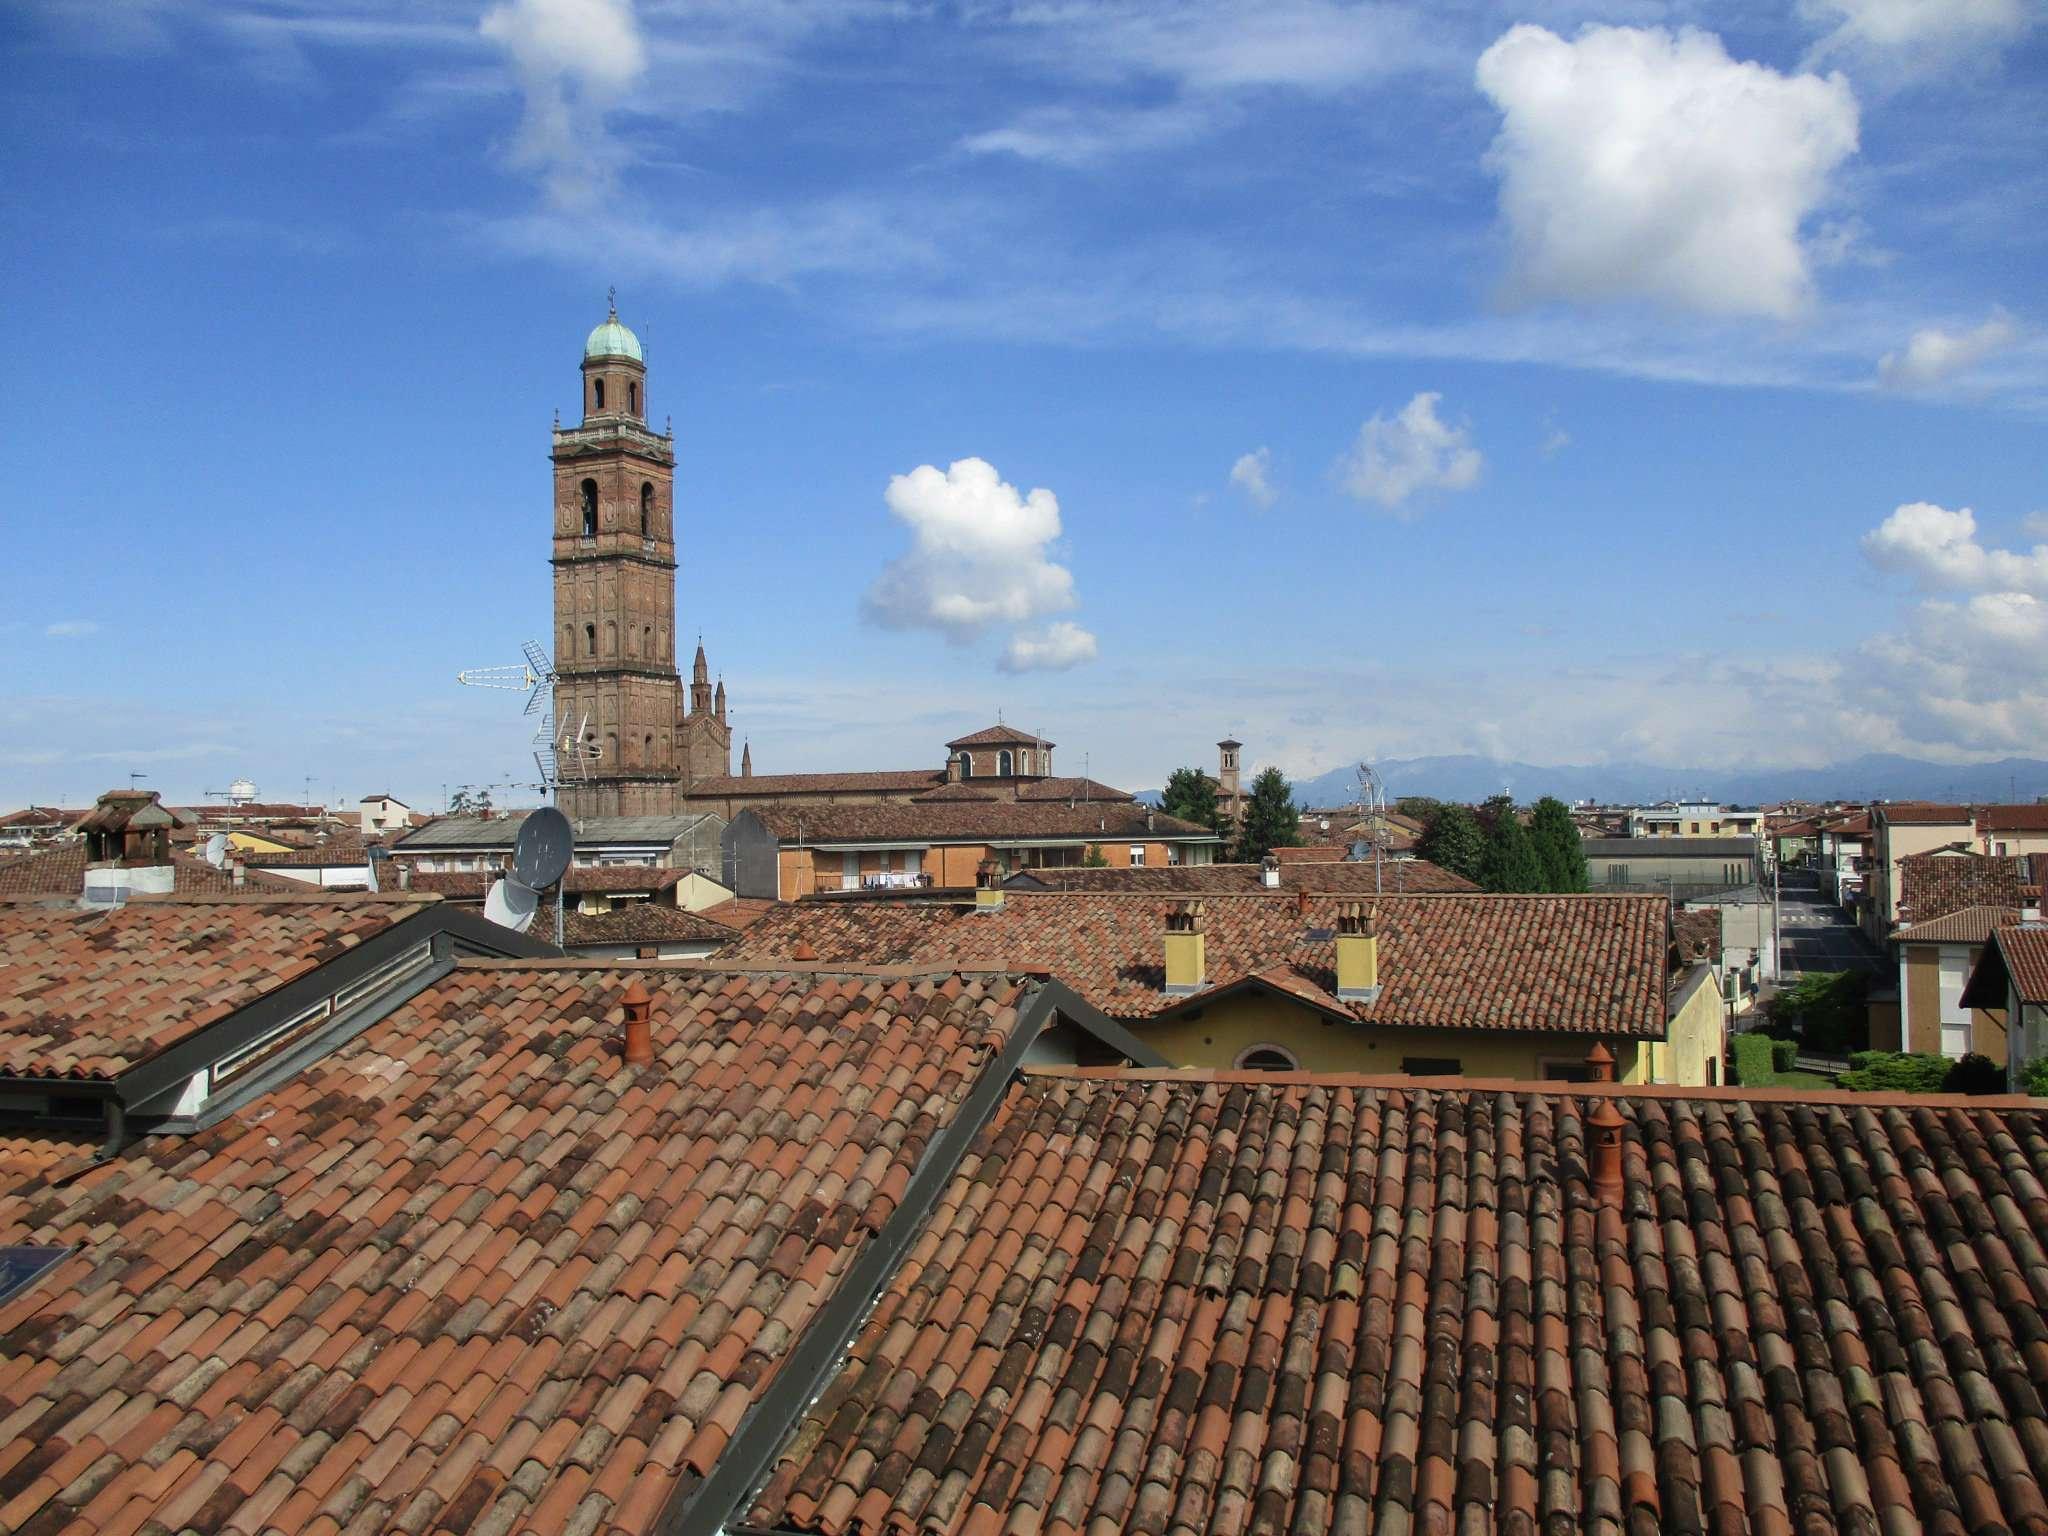 Attico / Mansarda in vendita a Caravaggio, 4 locali, prezzo € 328.000 | CambioCasa.it